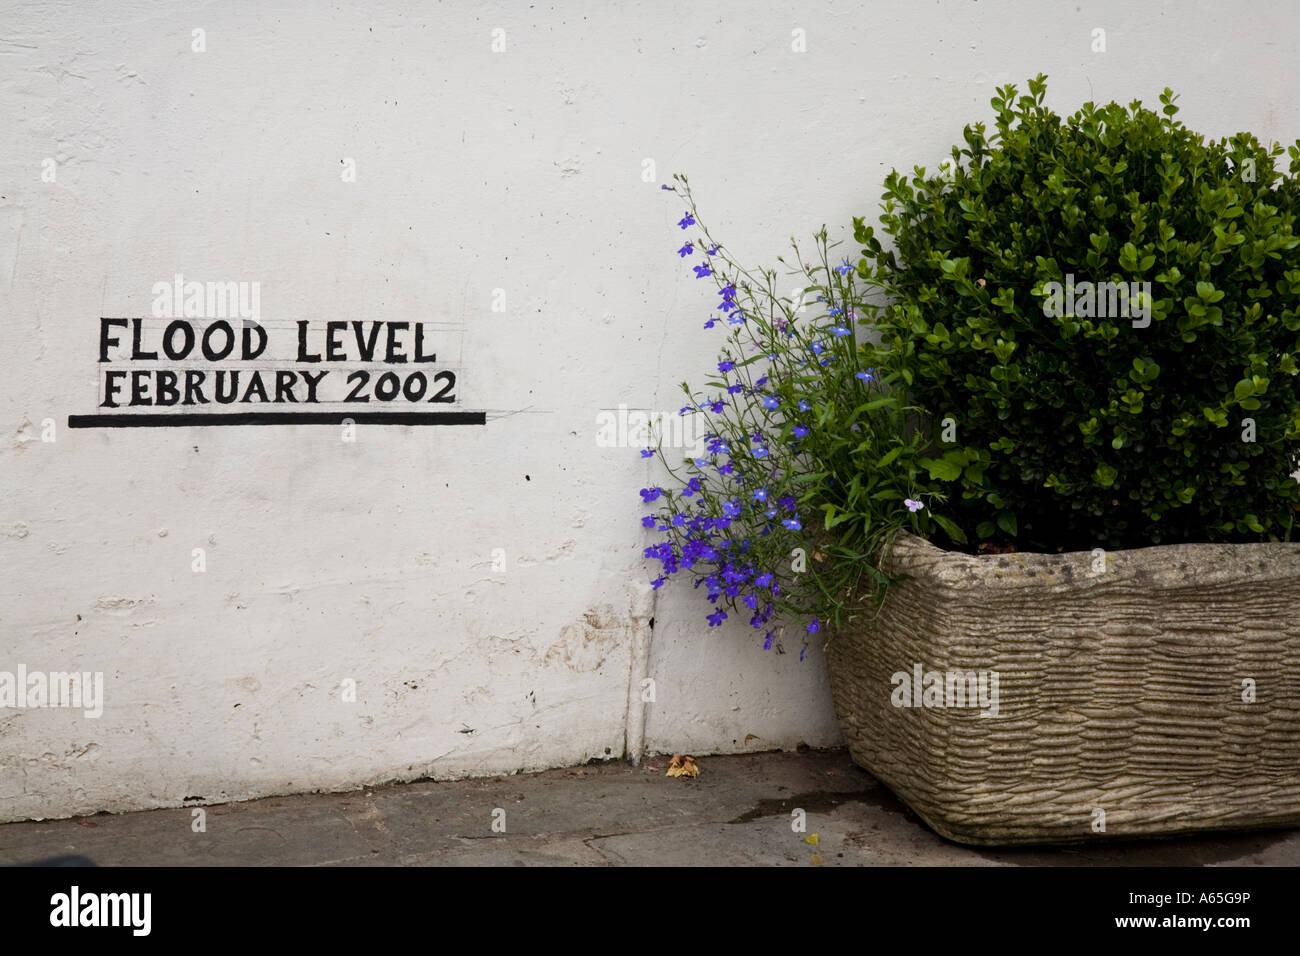 Haut niveau d'inondation marque sur le mur d'une chambre à côté on